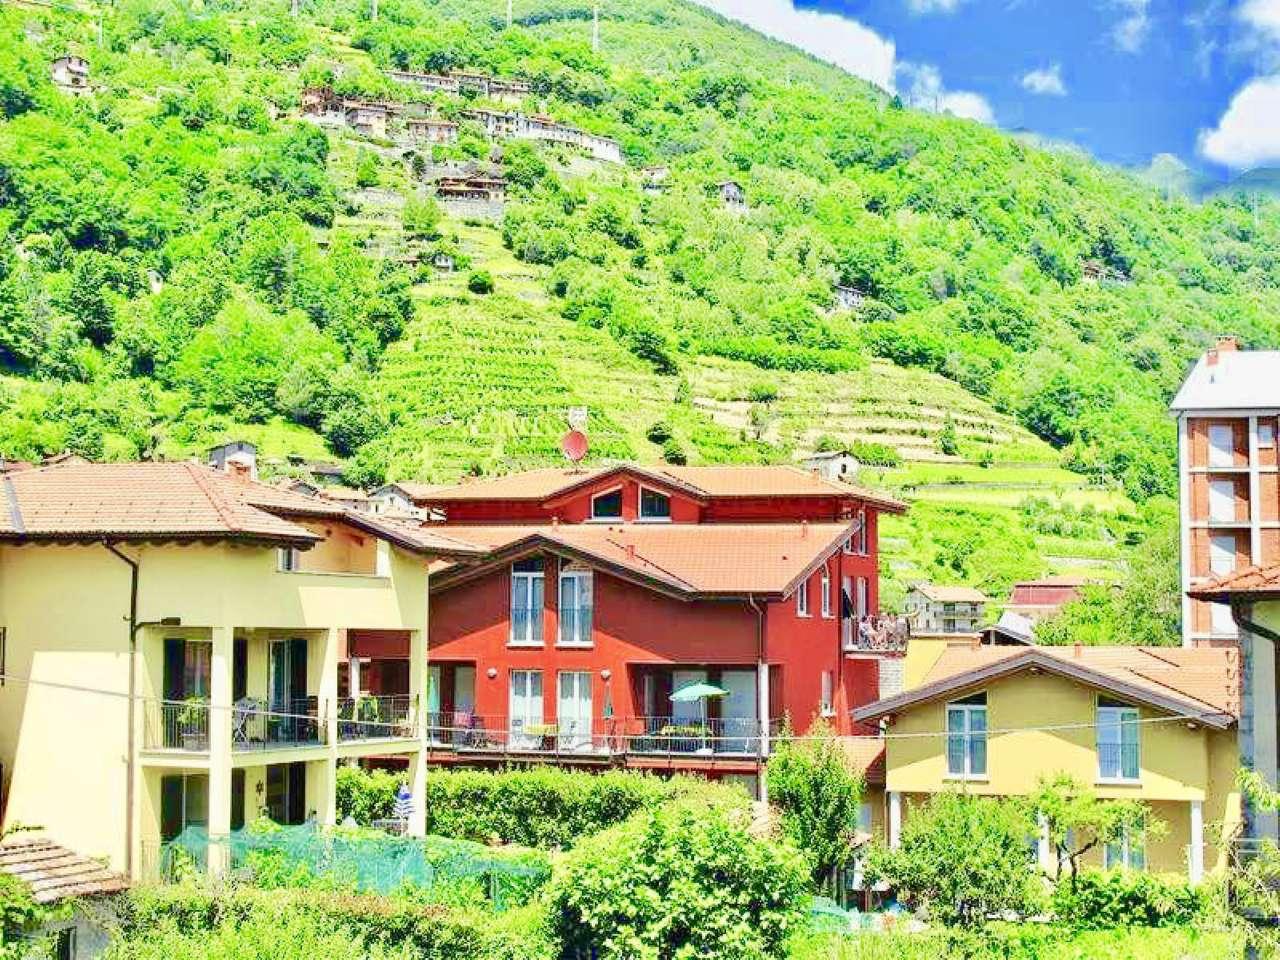 Appartamento in vendita a Dongo, 4 locali, prezzo € 300.000 | PortaleAgenzieImmobiliari.it